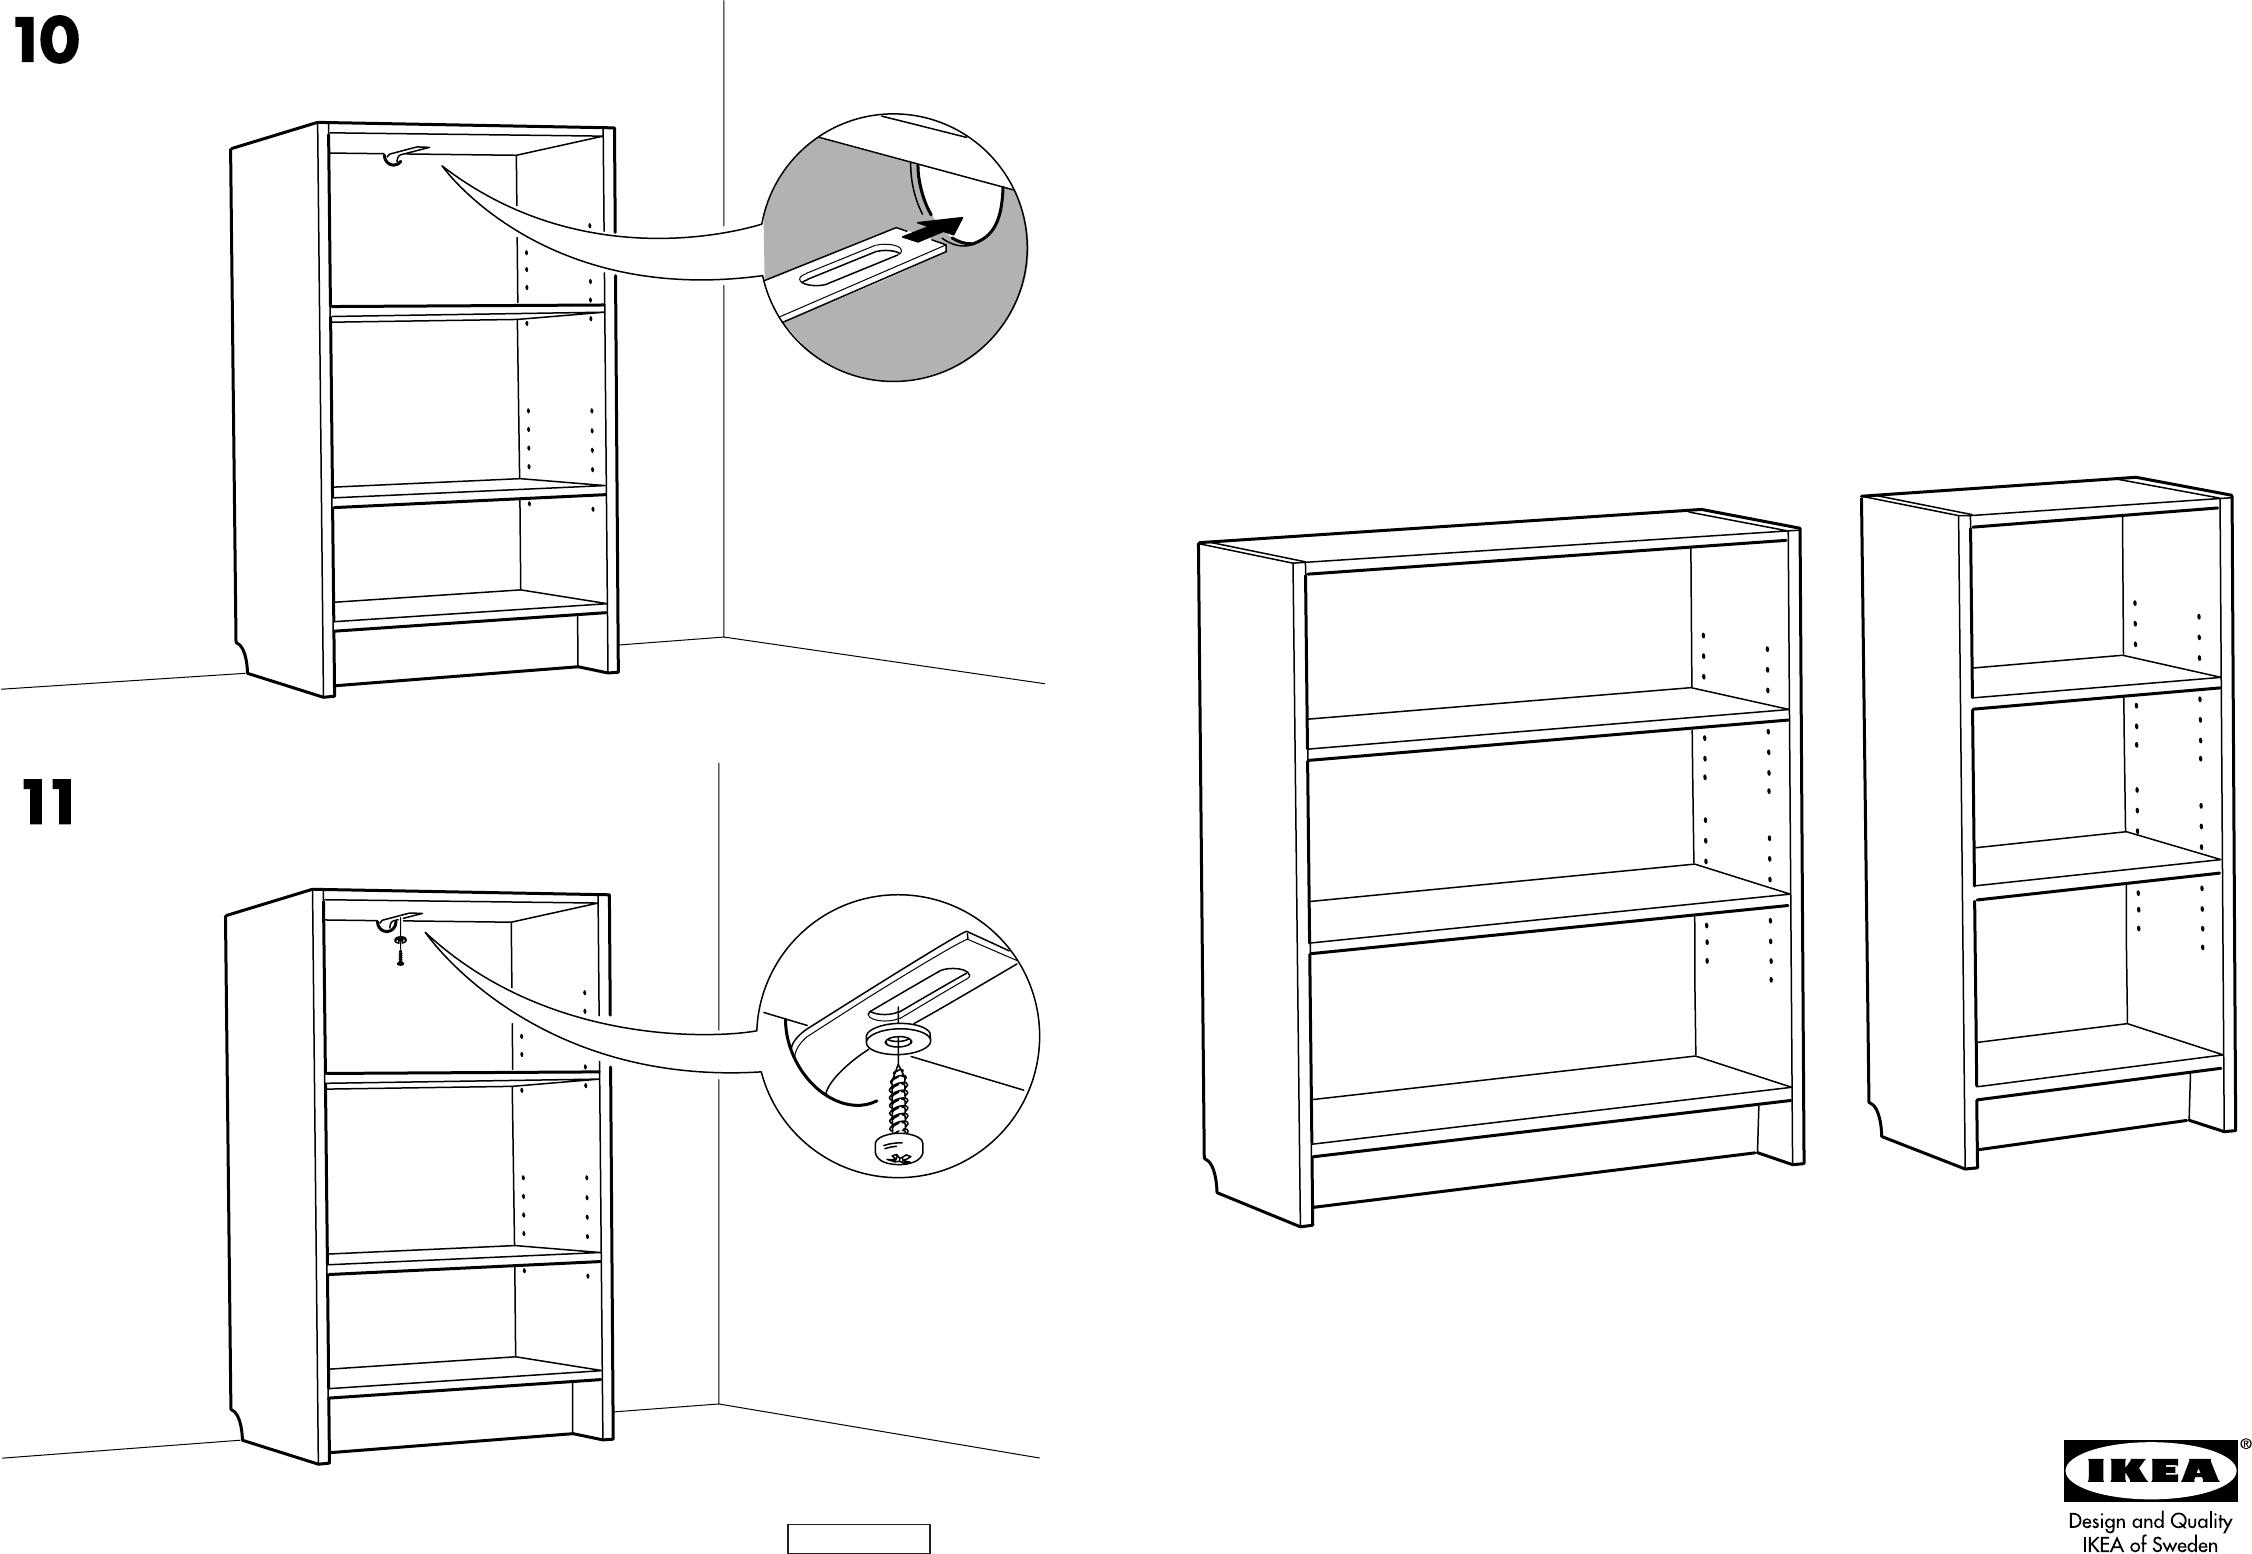 Bedienungsanleitung Ikea Billy boekenkast (Seite 1 von 4) (Dänisch ...